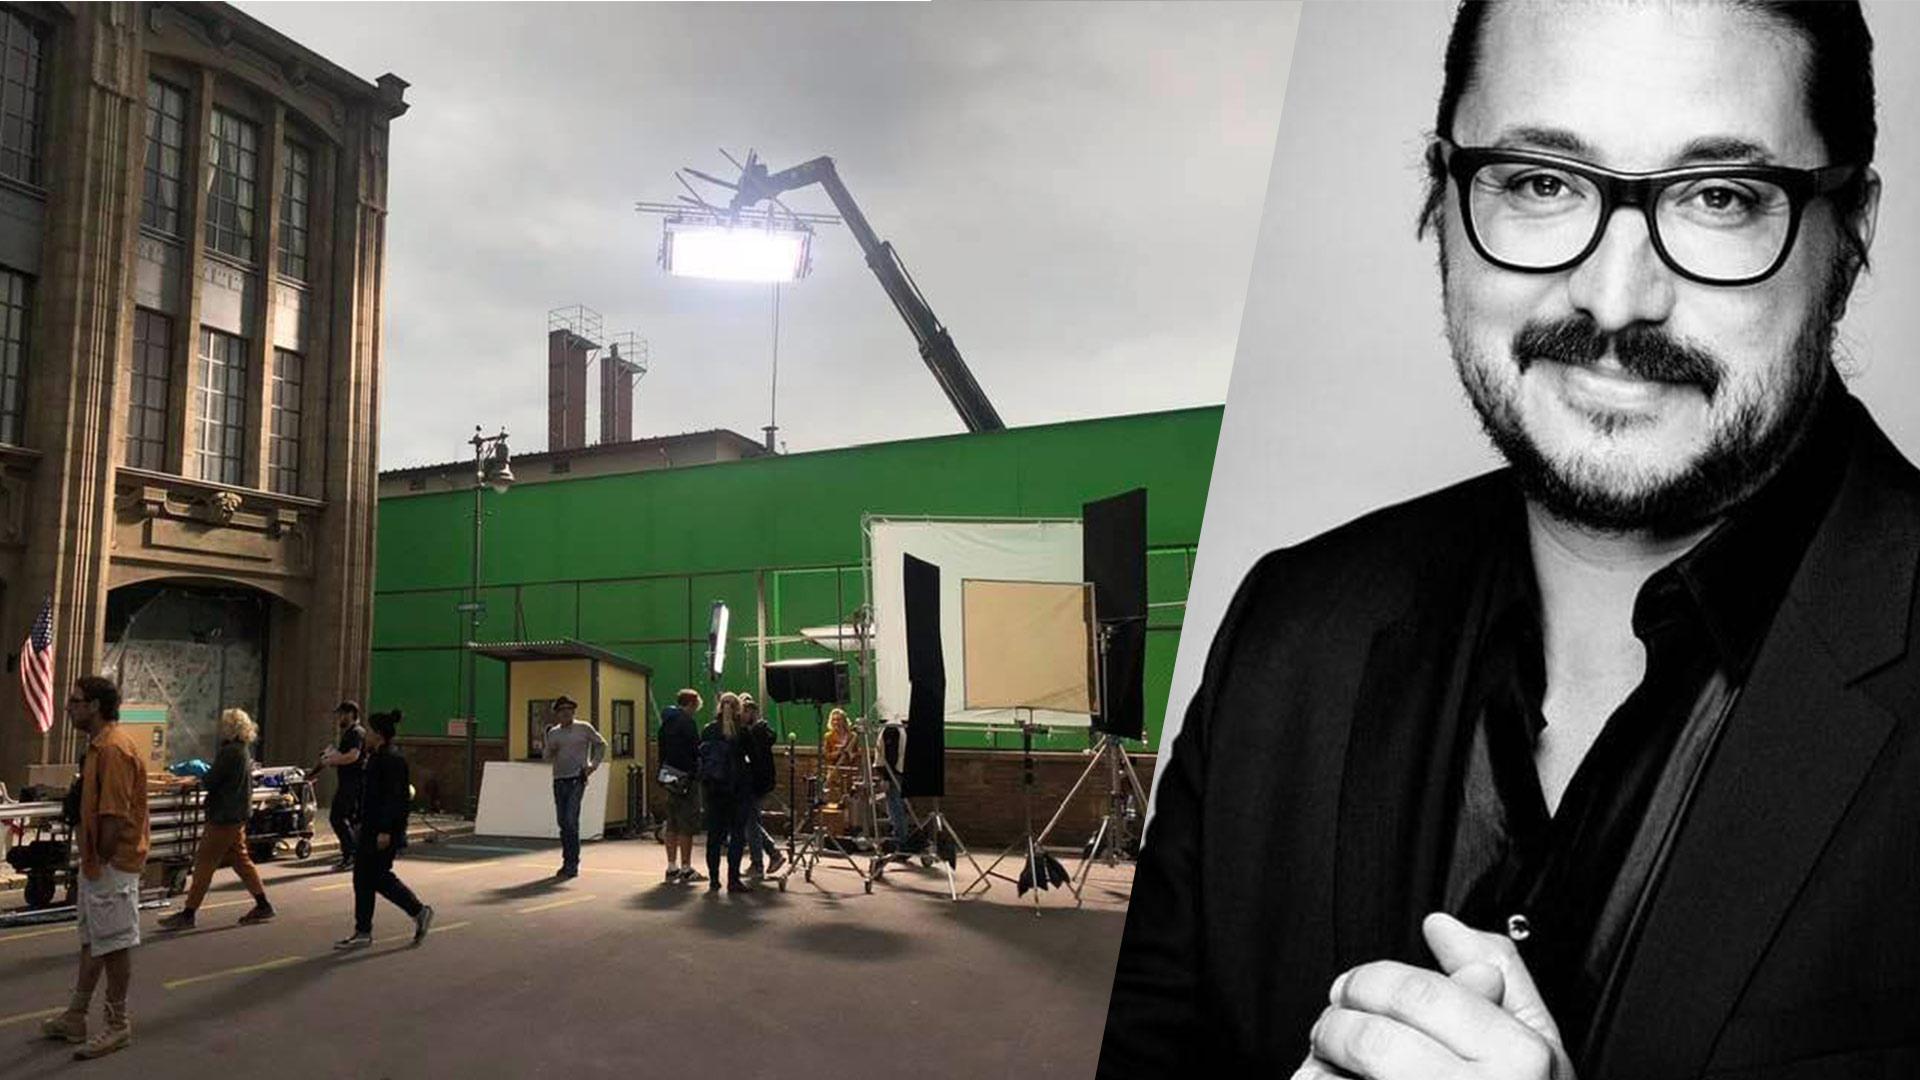 Rodando un largometraje musical - Charla con el director de fotografía Thomas Kiennast AAC